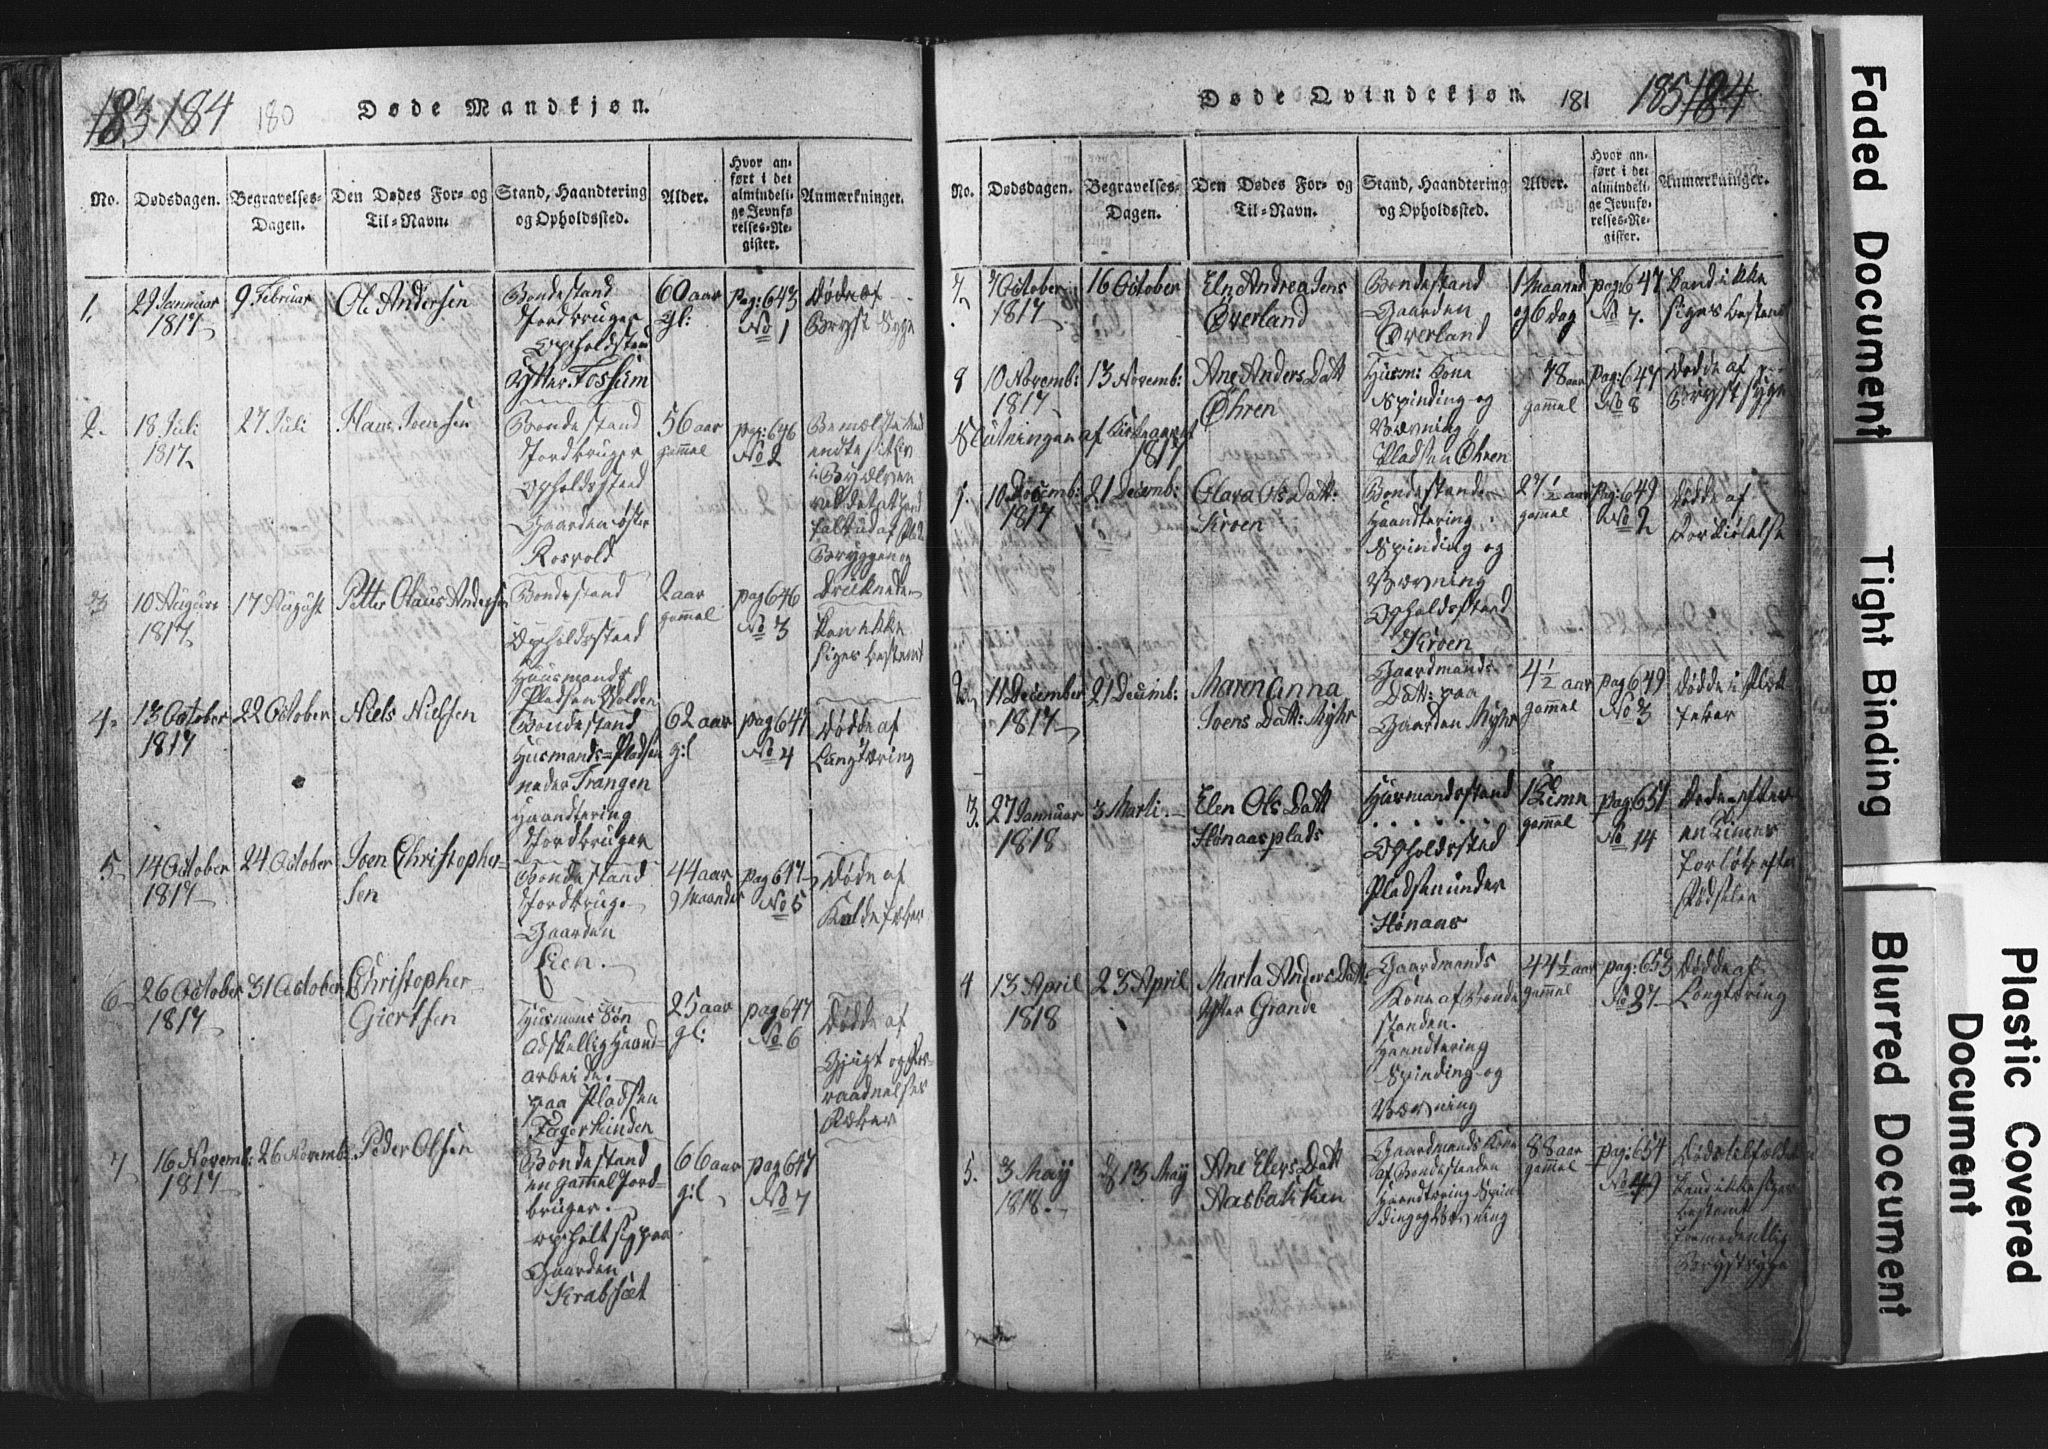 SAT, Ministerialprotokoller, klokkerbøker og fødselsregistre - Nord-Trøndelag, 701/L0017: Klokkerbok nr. 701C01, 1817-1825, s. 180-181